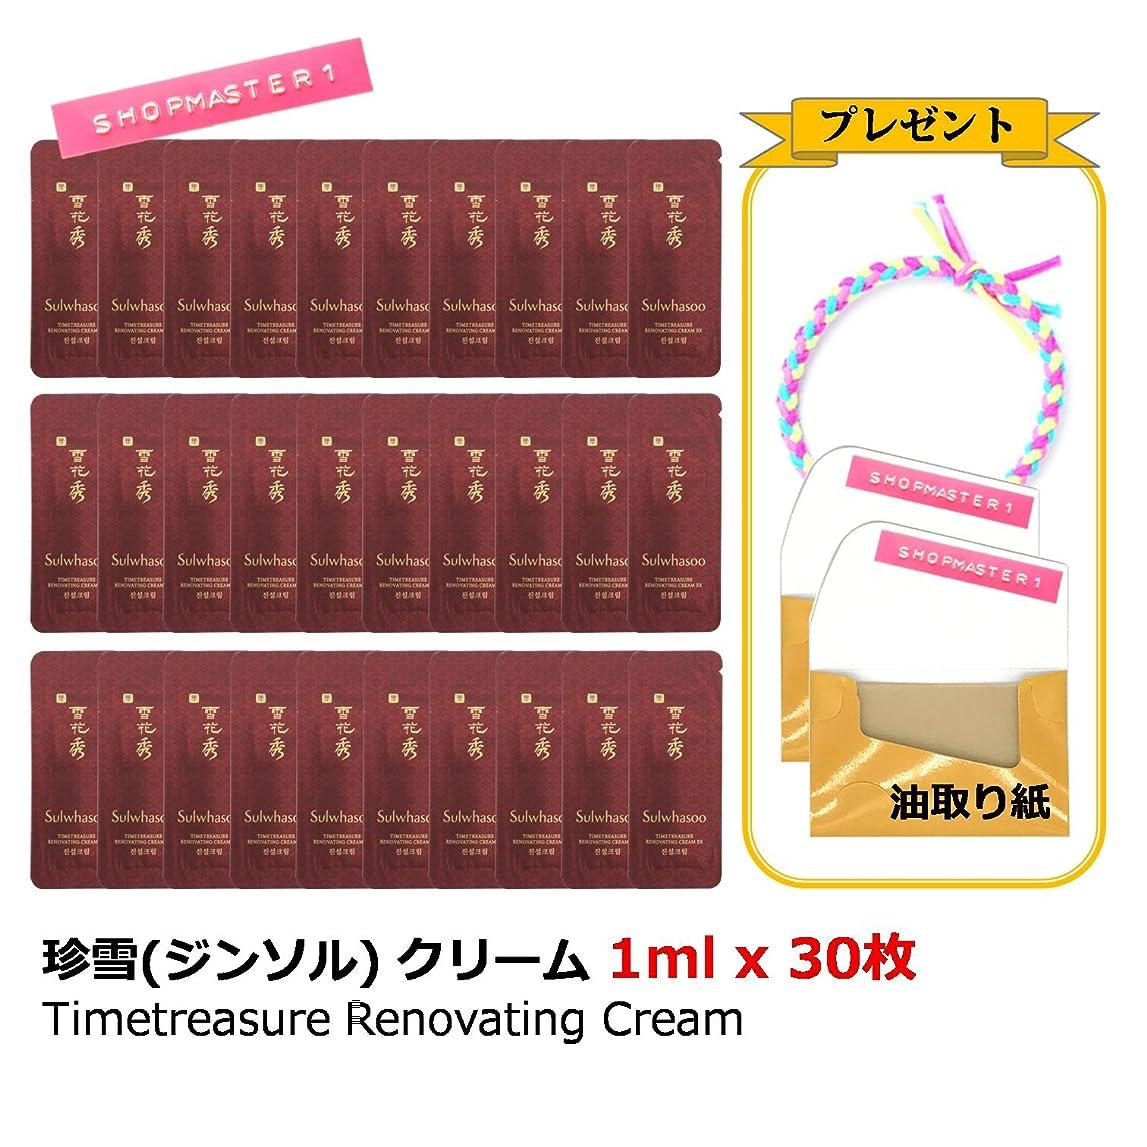 に向かってルーチン測る【Sulwhasoo ソルファス】珍雪(ジンソル) クリーム 1ml x 30枚 Timetreasure Renovating Cream/プレゼント 油取り紙 2個(30枚ずつ)、ヘアタイ/海外直配送